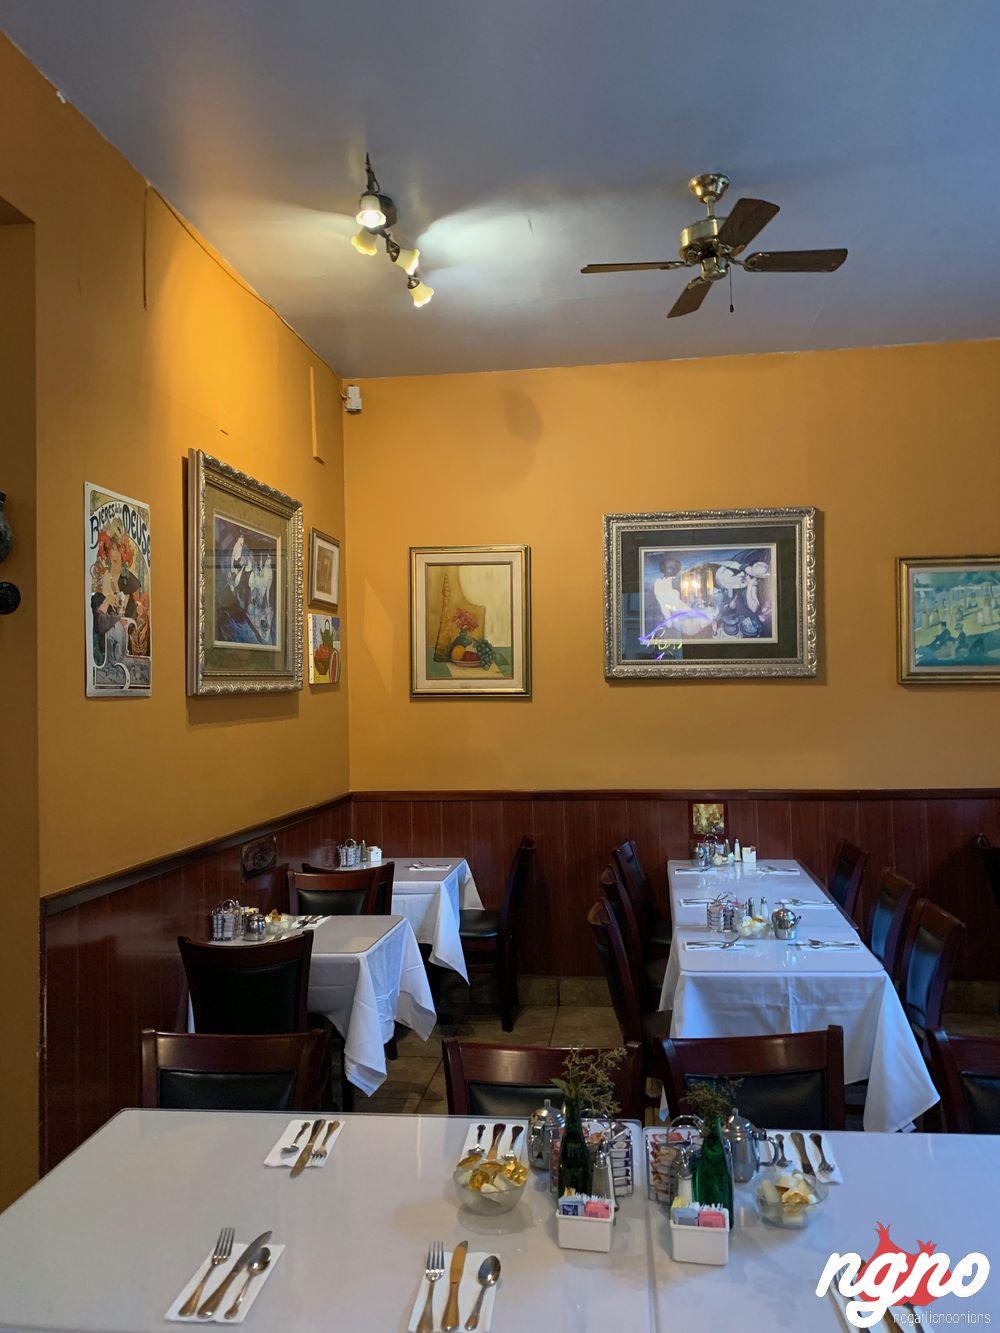 roxanne-cafe-san-francisco-nogarlicnoonions-432018-10-24-03-56-08